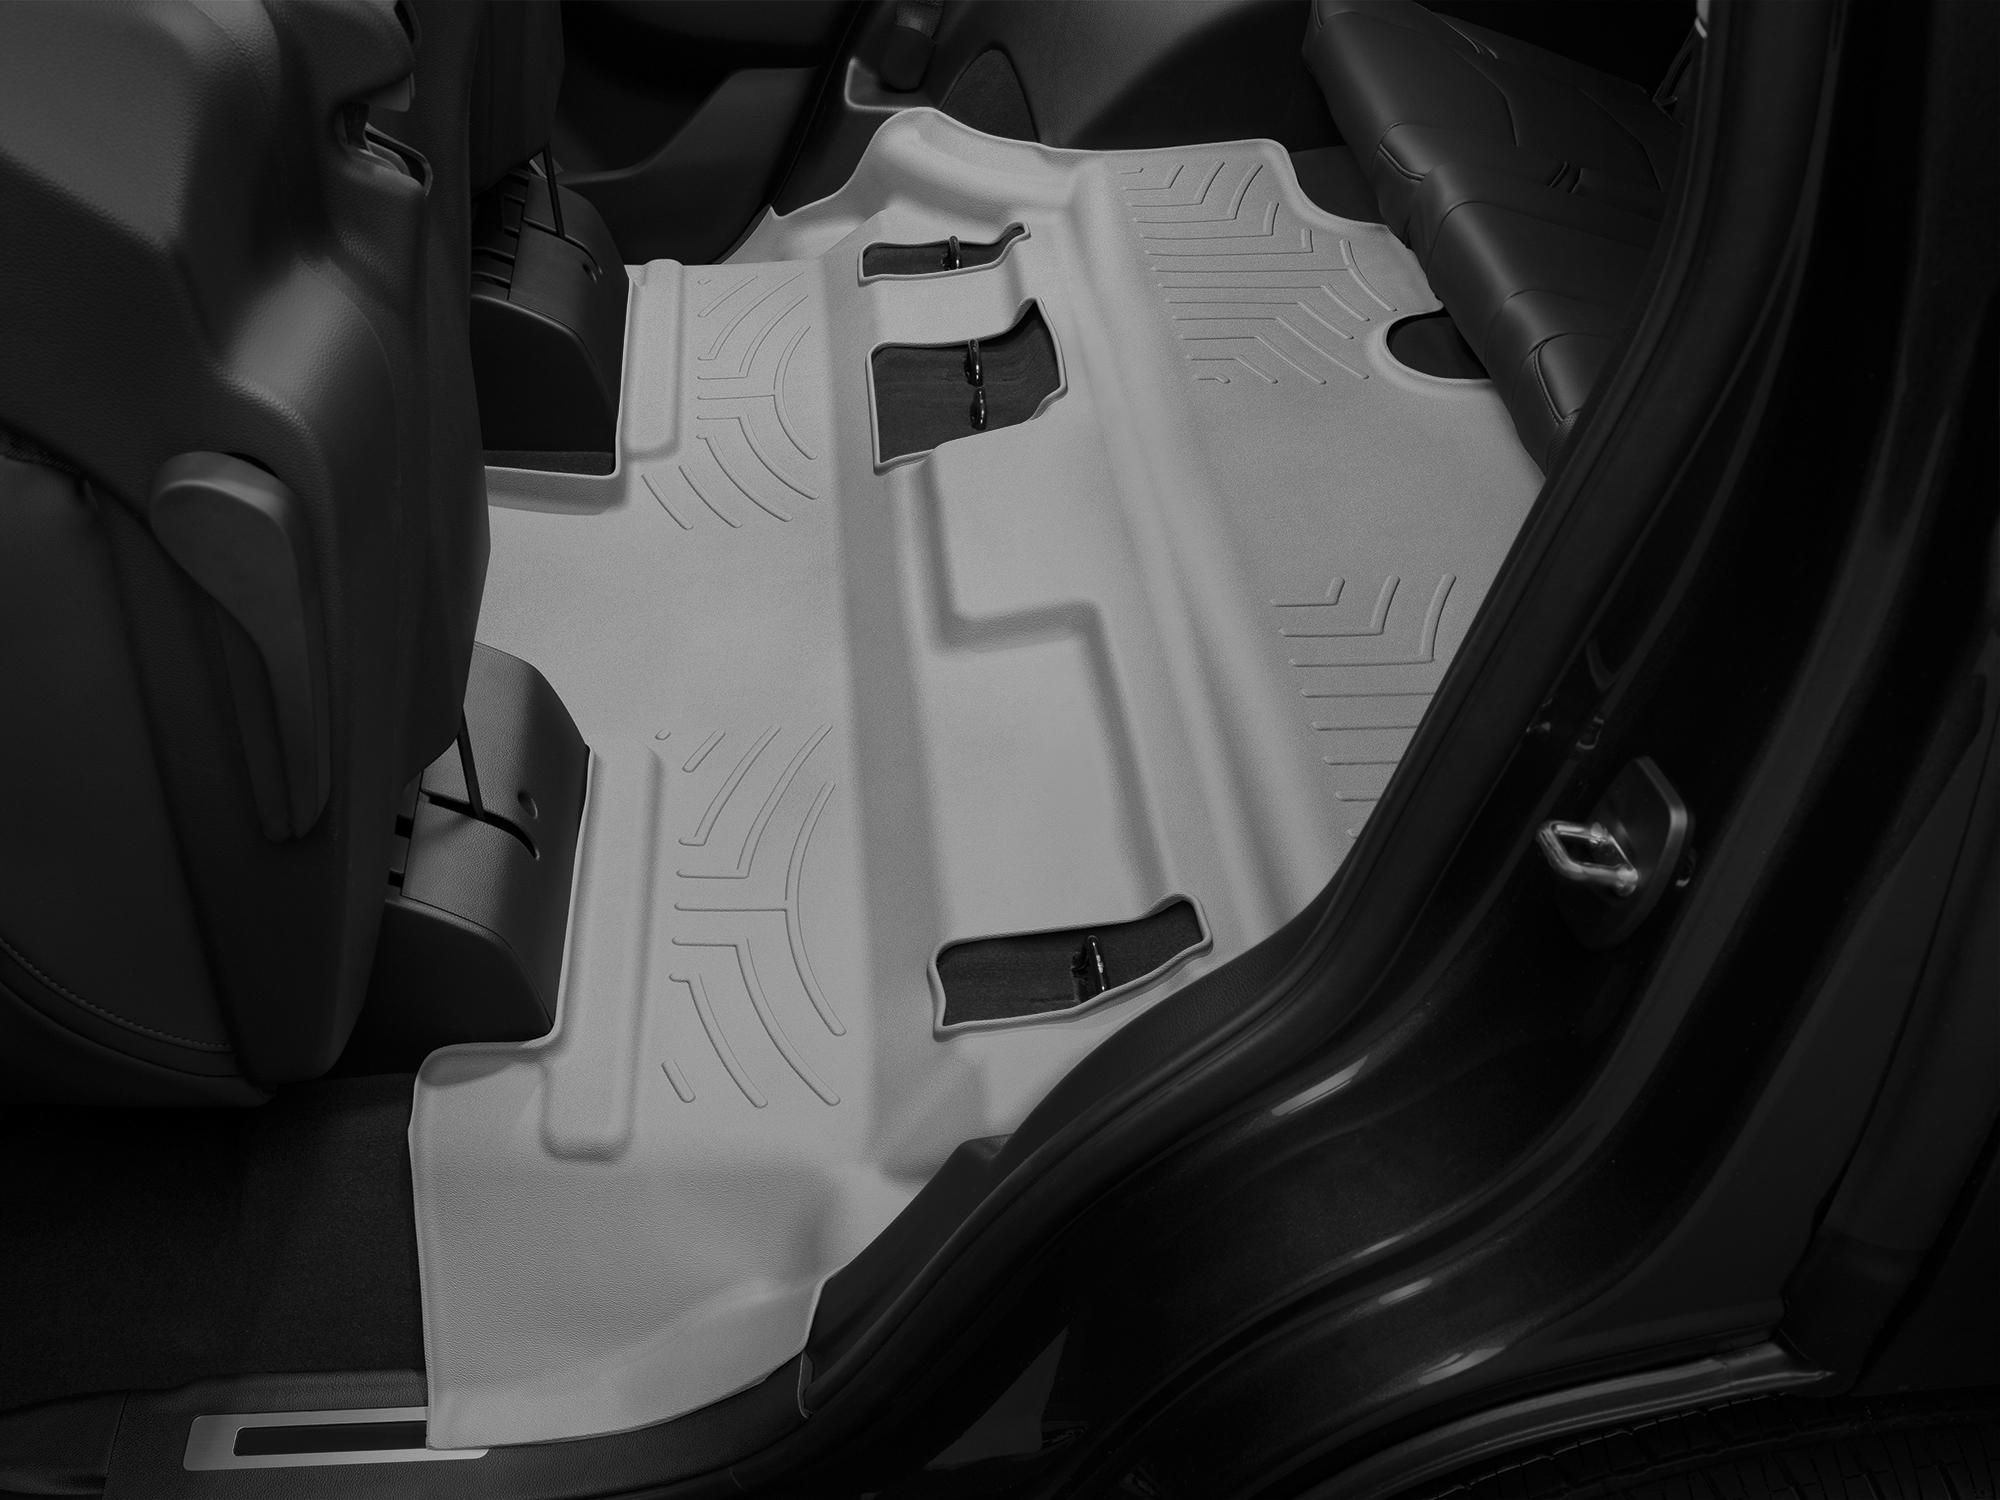 Tappeti gomma su misura bordo alto Cadillac Escalade 15>17 Grigio A27*